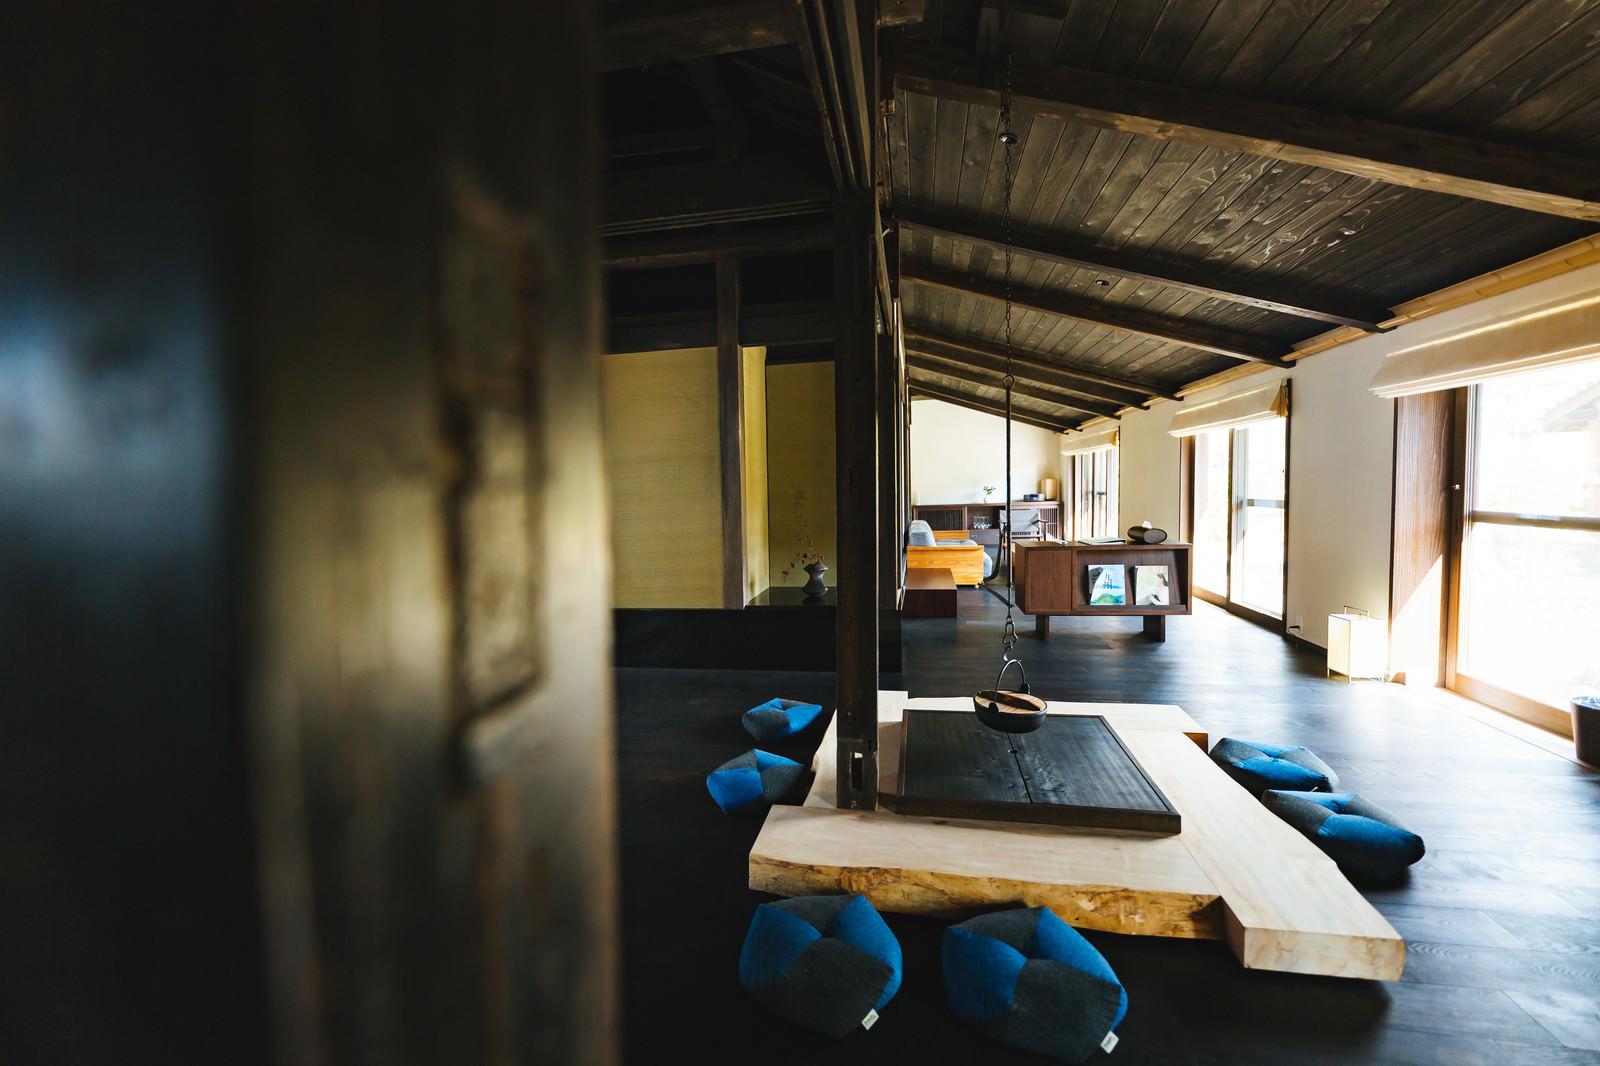 「天井の高い古民家宿泊施設」の写真